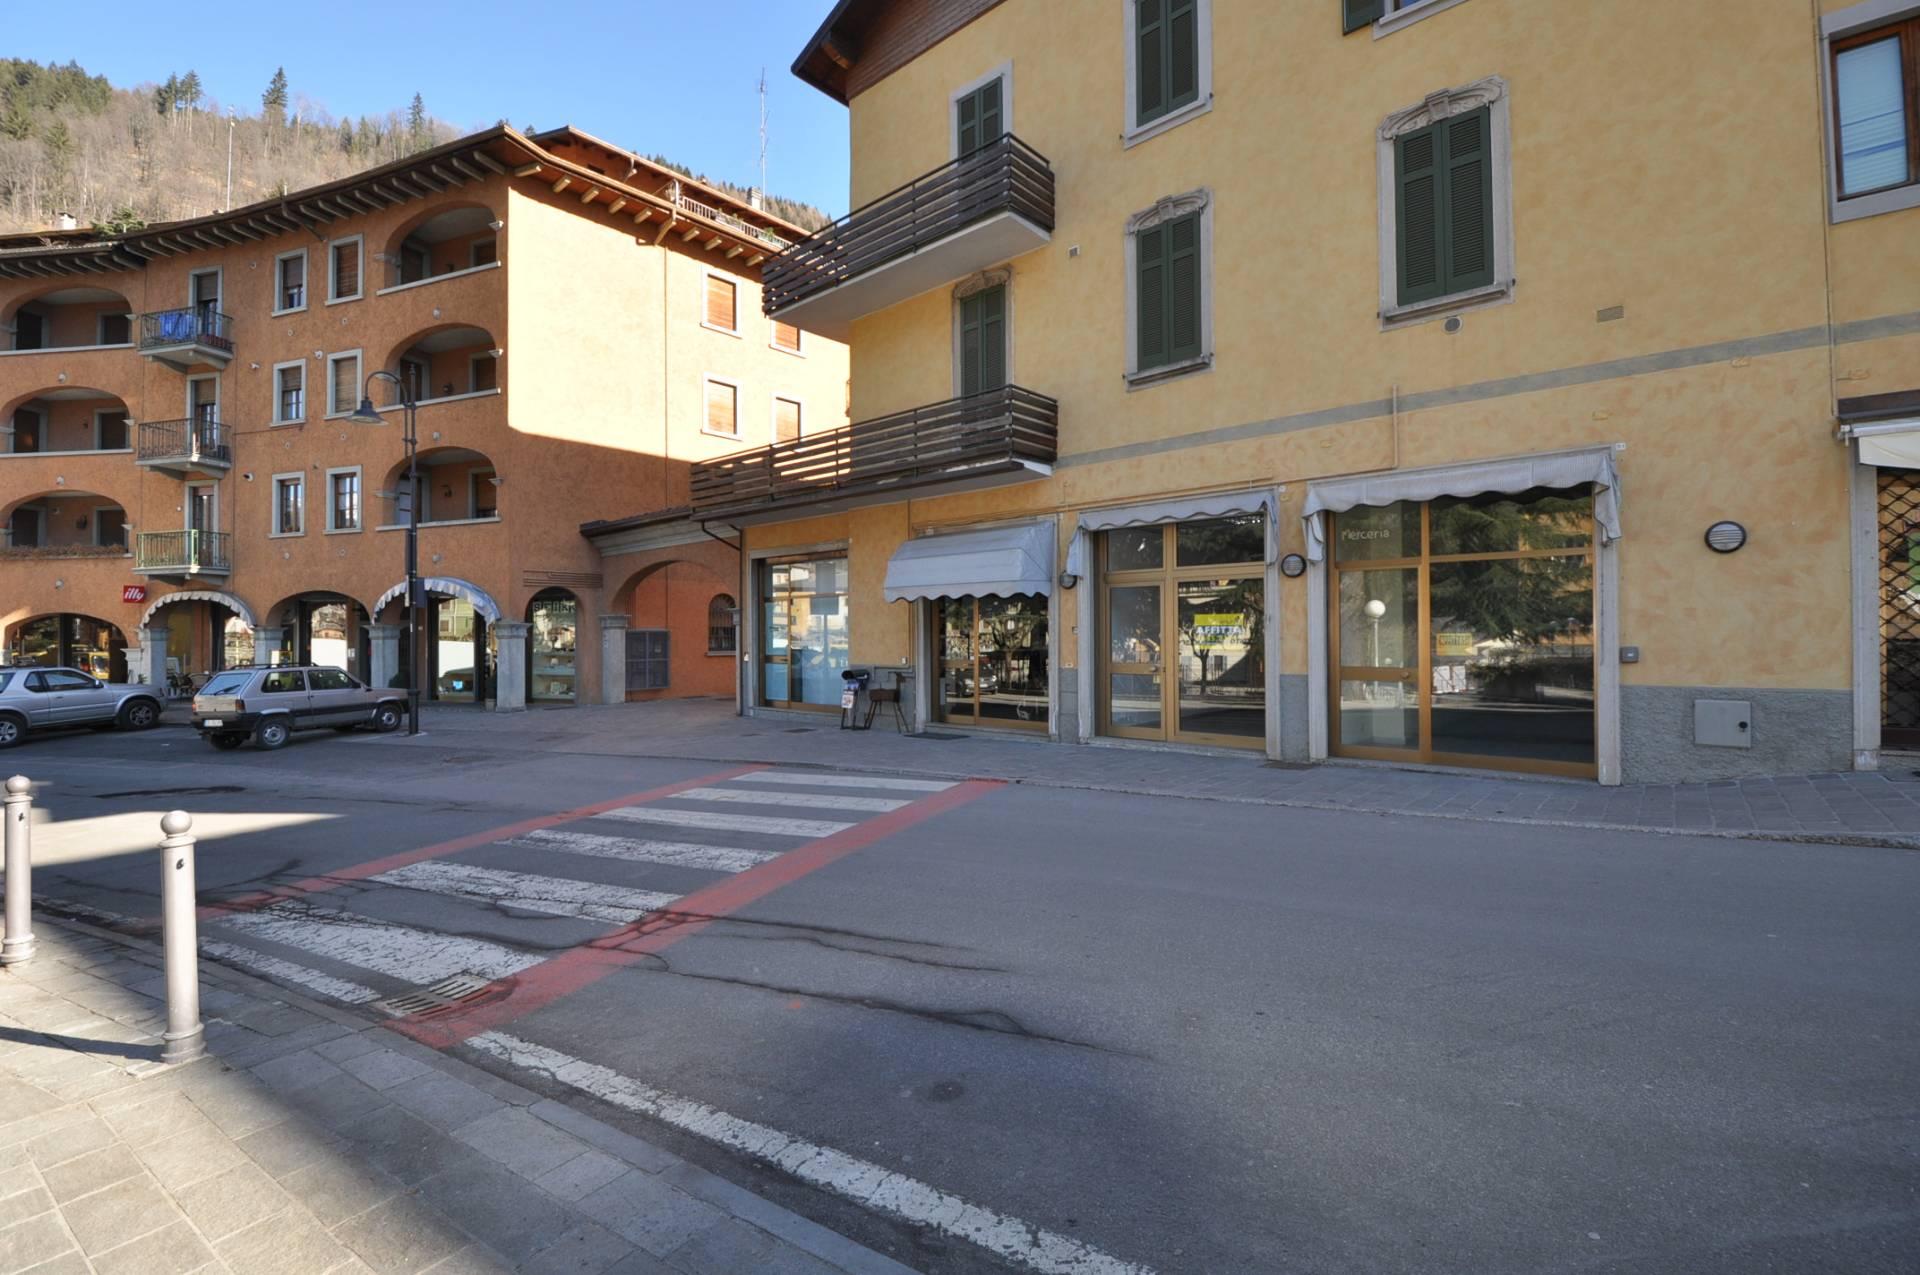 Negozio / Locale in vendita a Piazza Brembana, 9999 locali, prezzo € 63.000 | Cambio Casa.it